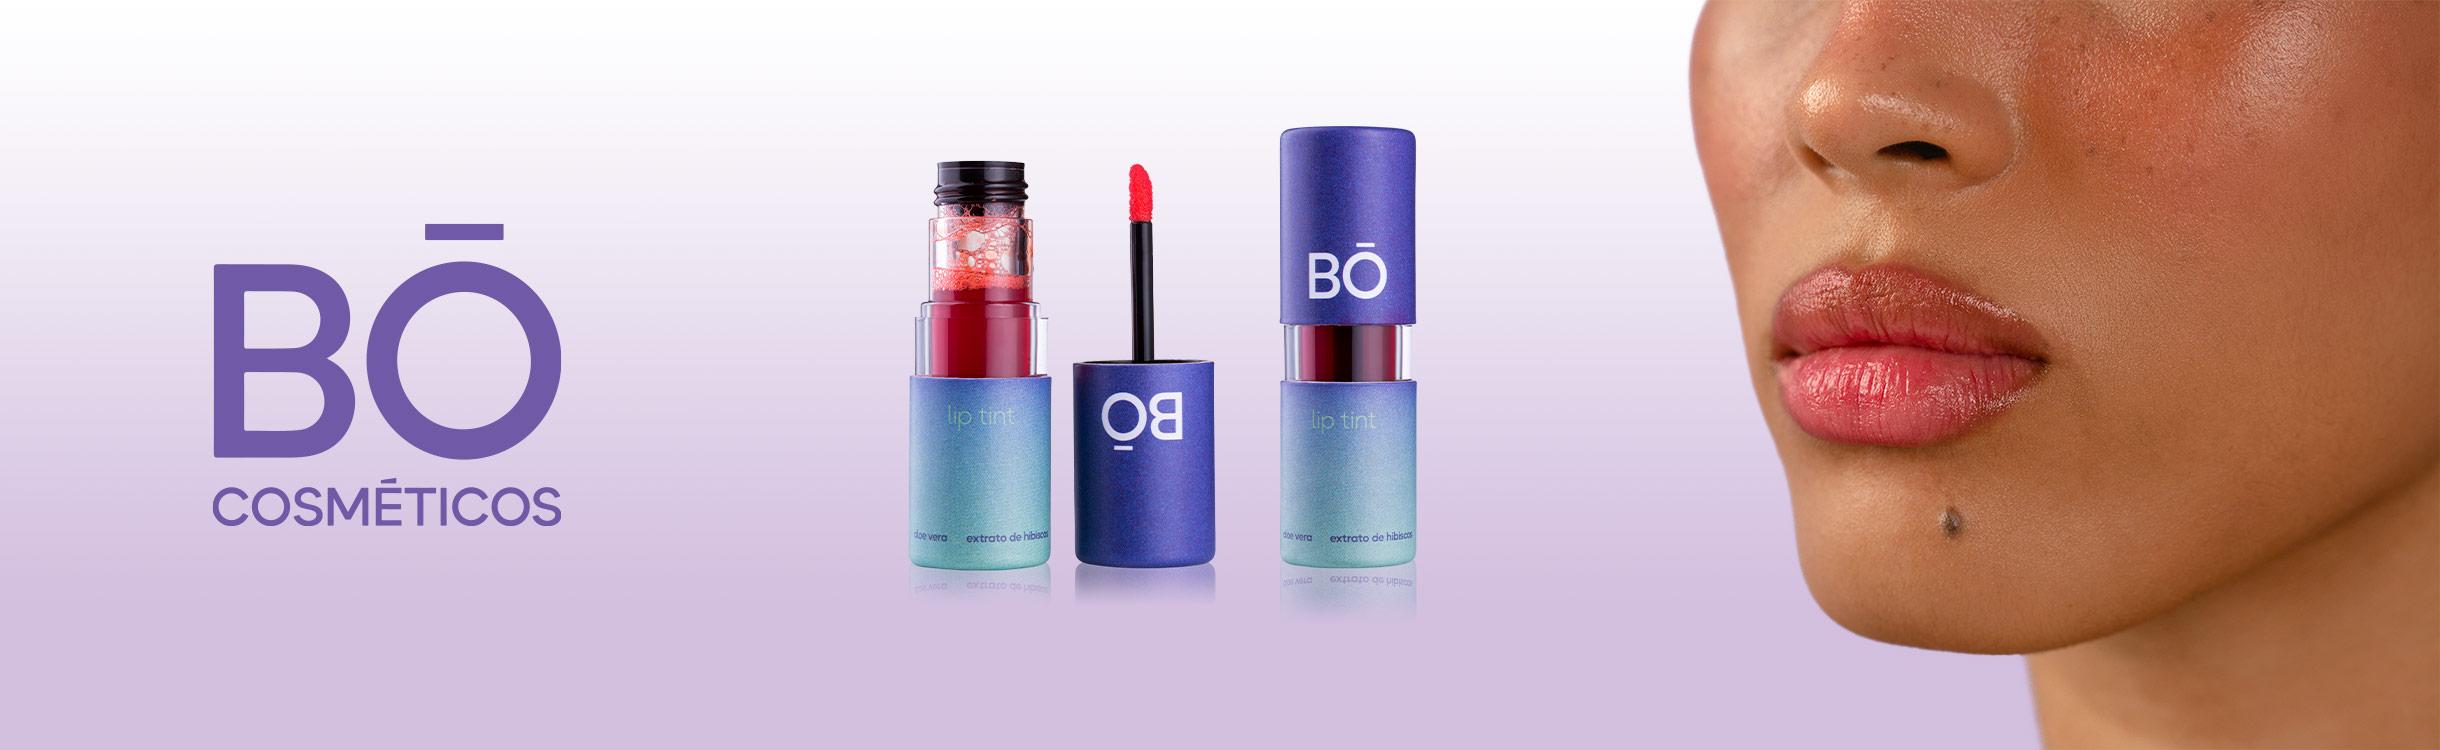 Lip Tint BO Cosméticos